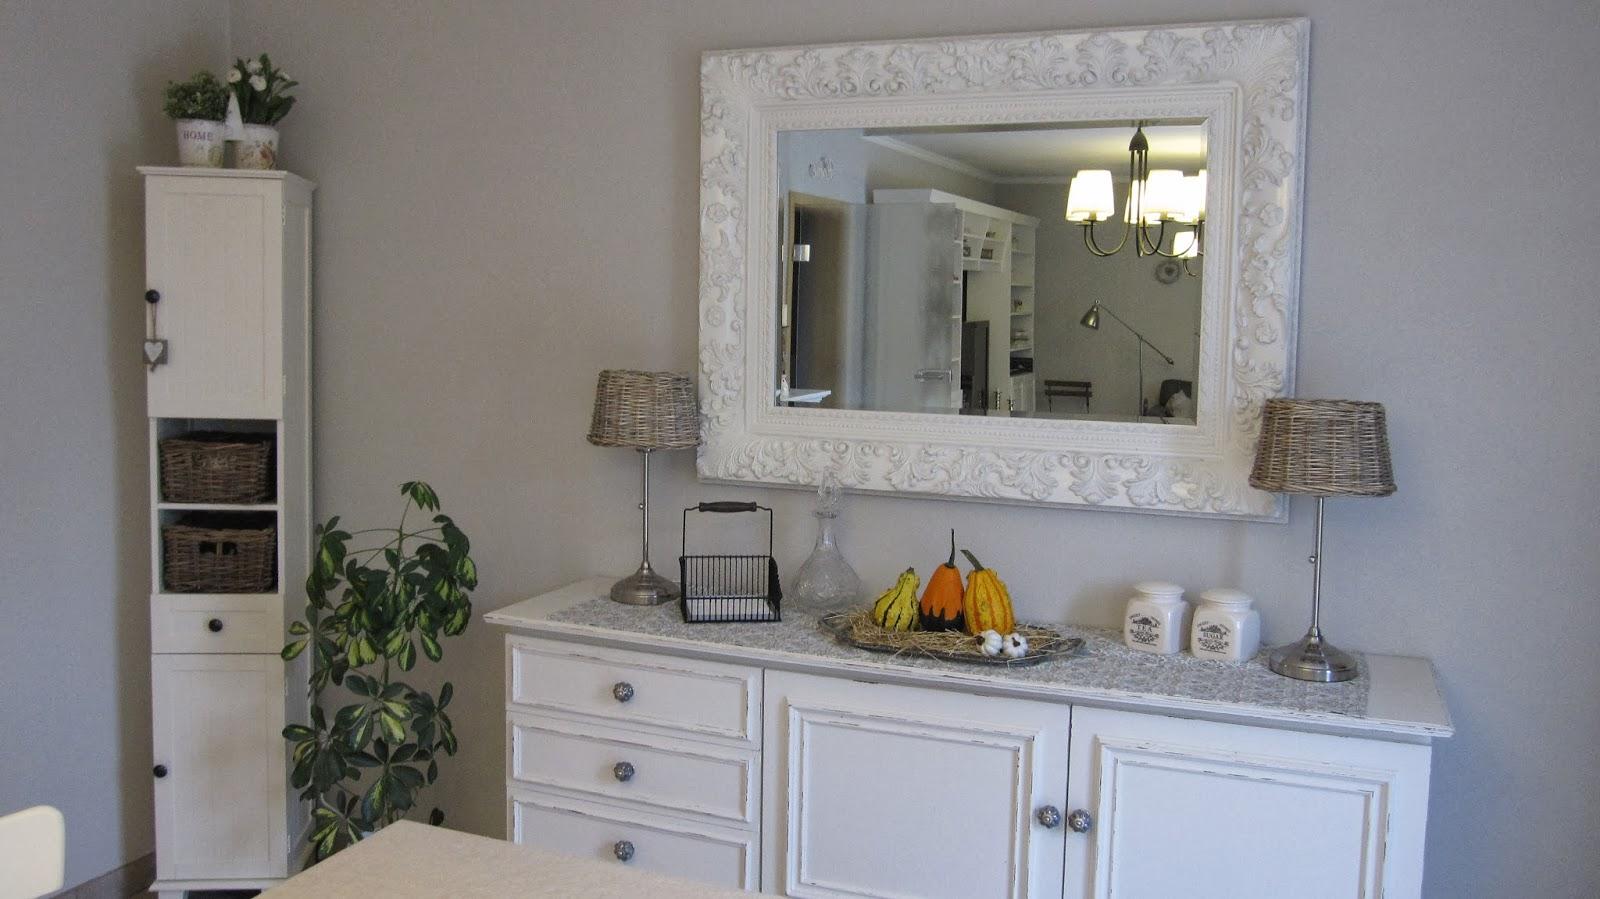 kleines gelbes haus ikea hack arstid leuchte mit rattan lampenschirm. Black Bedroom Furniture Sets. Home Design Ideas